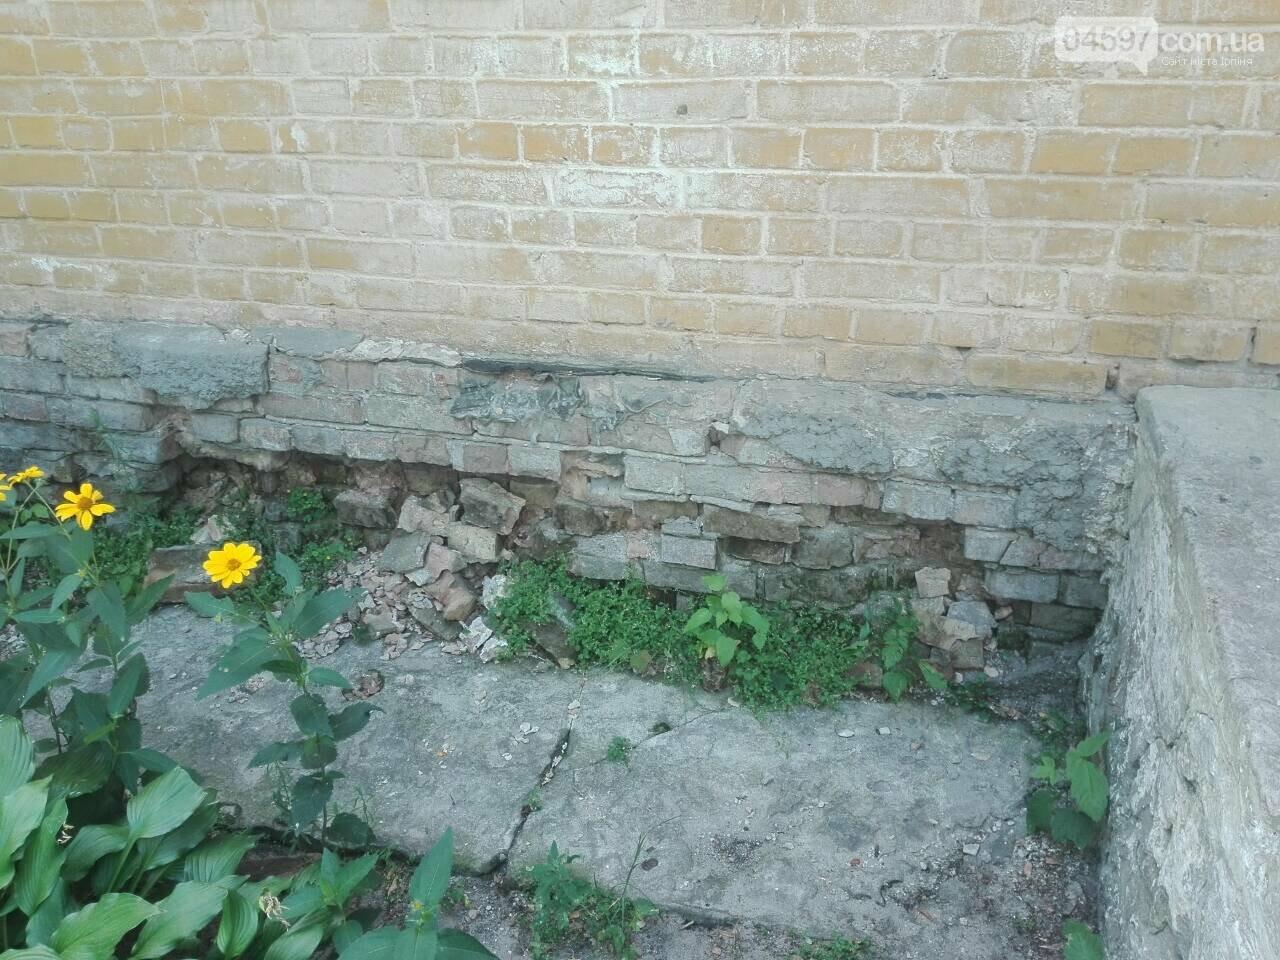 Міський будинок культури ГДК знаходиться в жахливому стані (Фото), фото-12